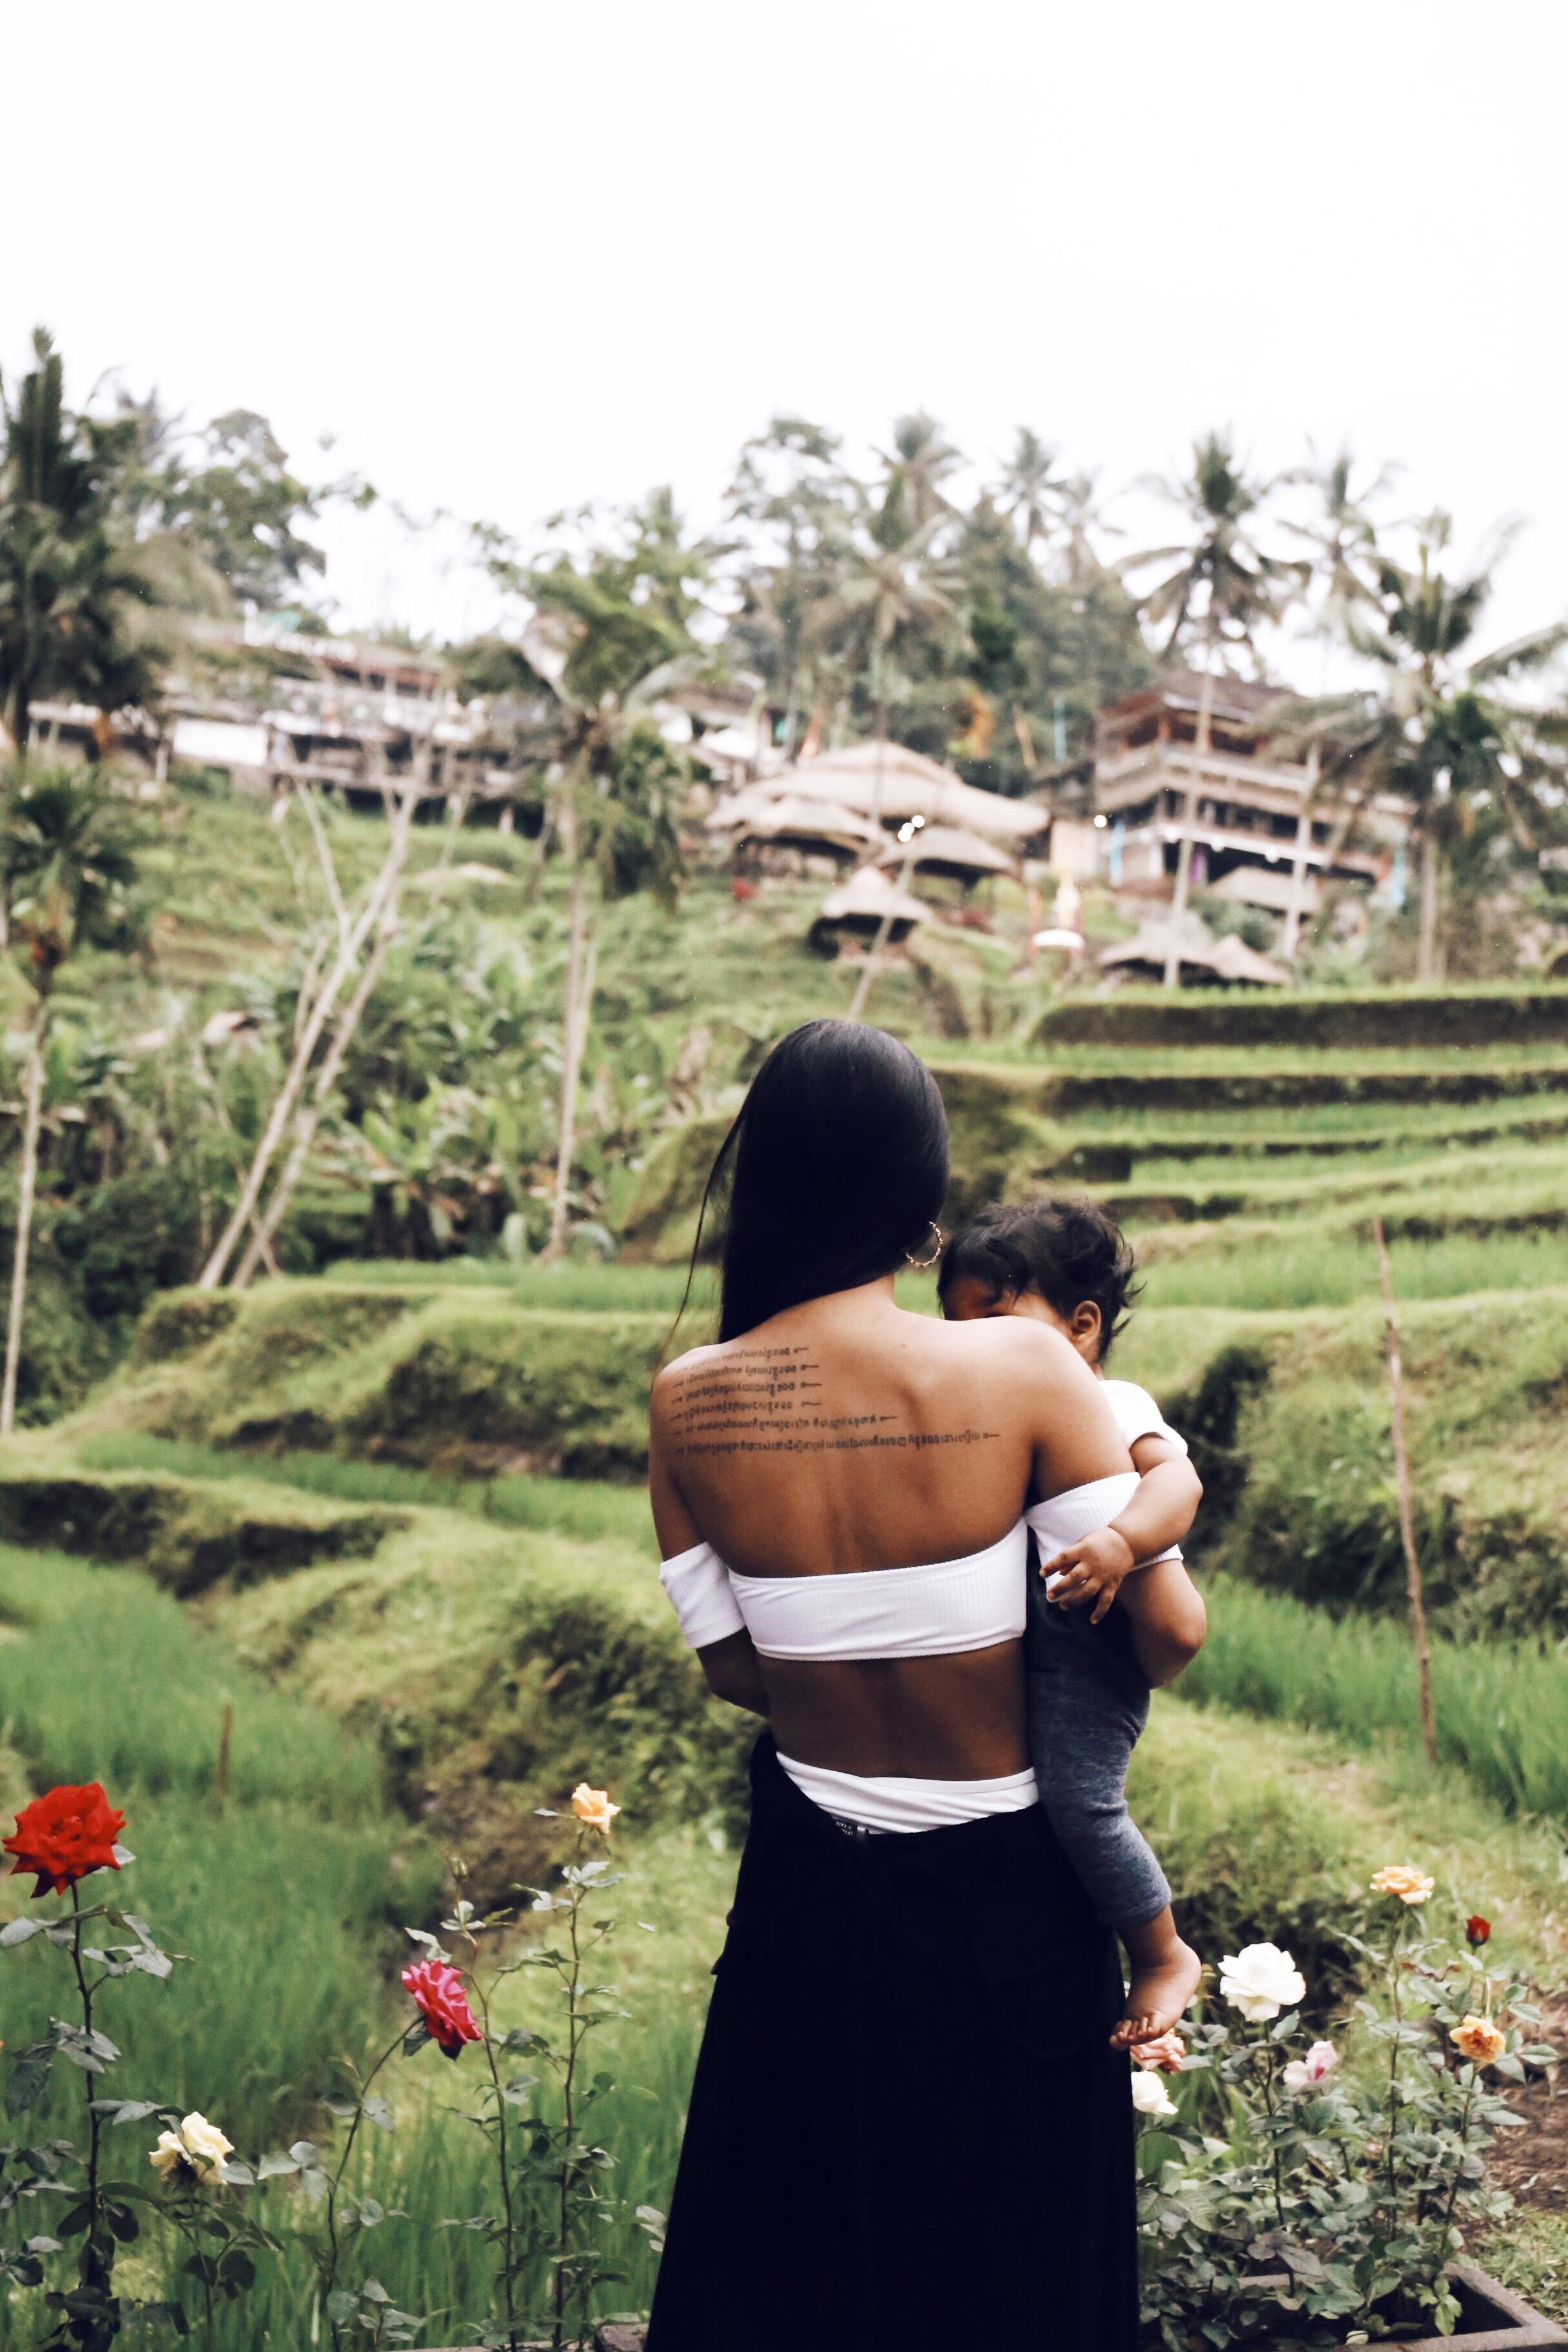 bali blog voyage